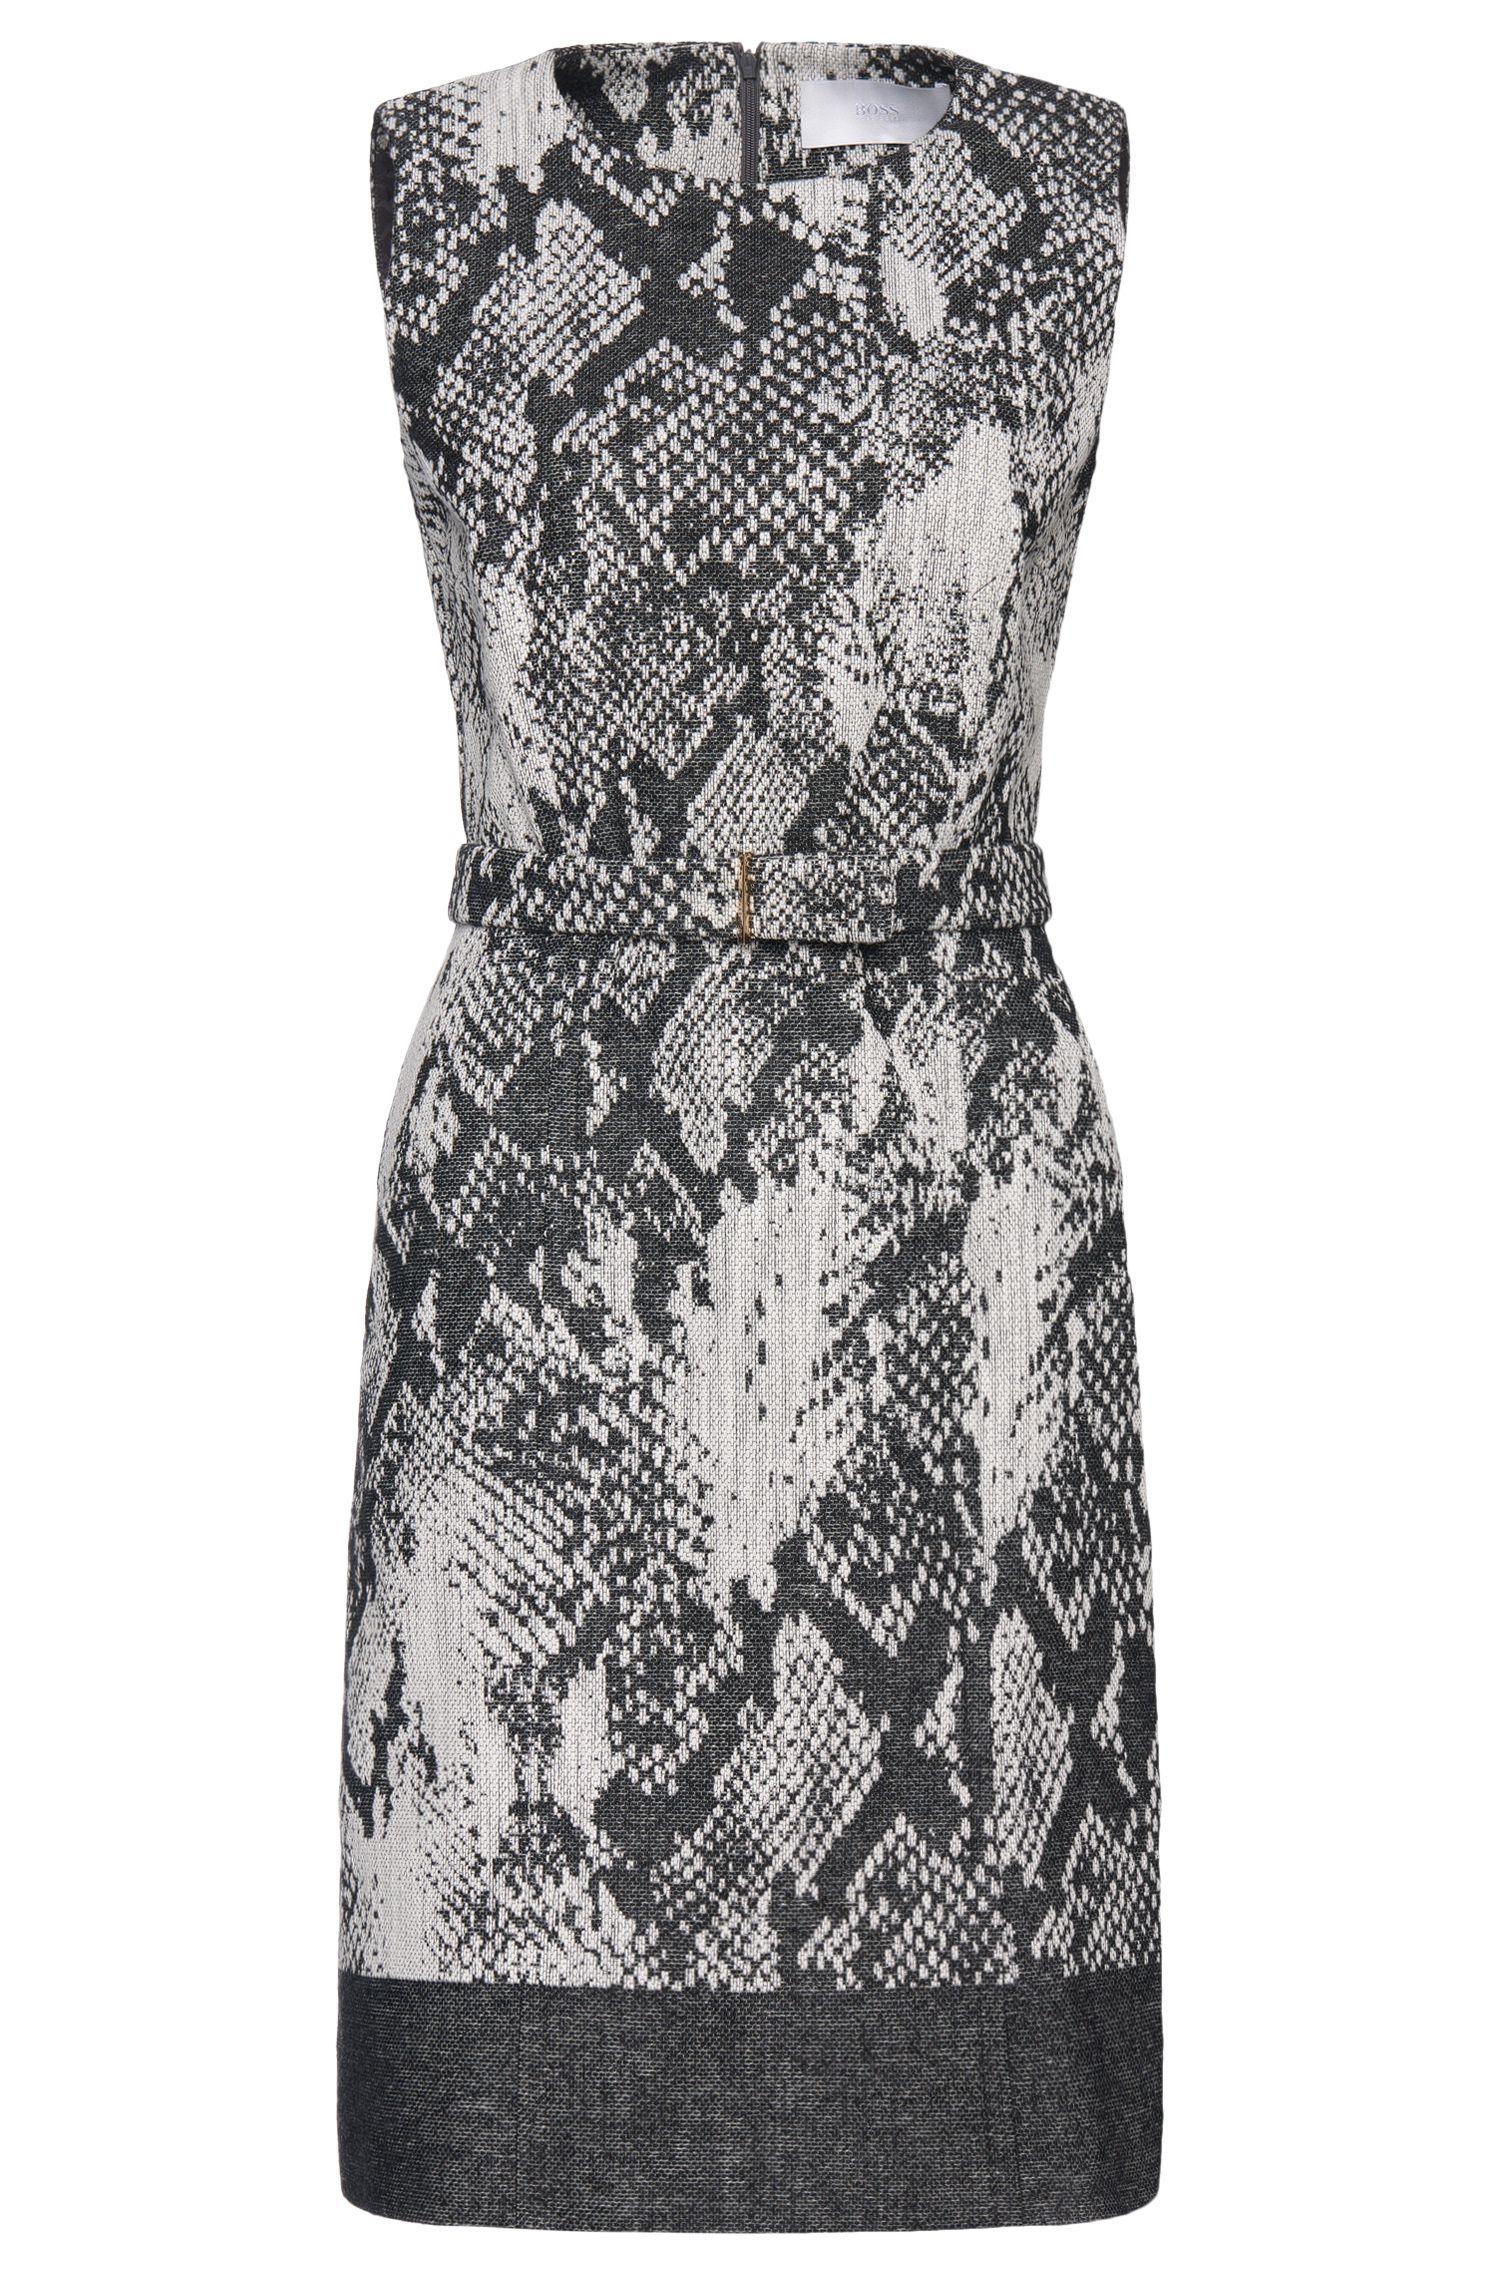 'Daneki' | Virgin Wool Cotton Blend Belted A-Line Dress